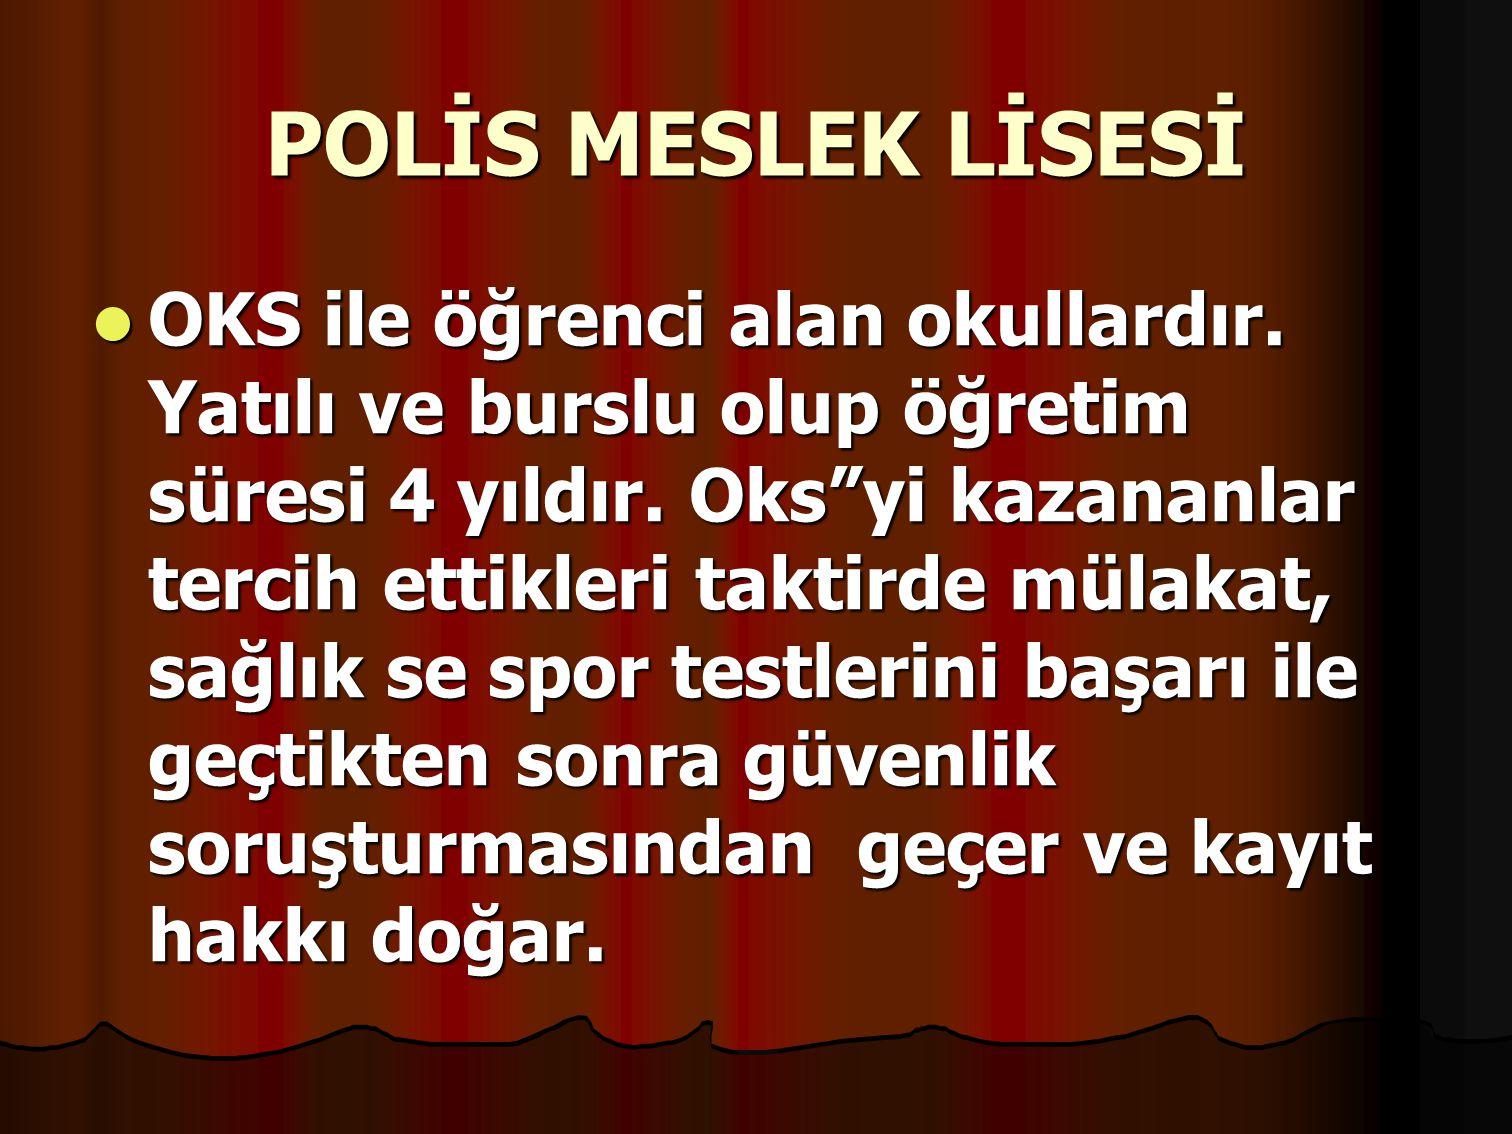 POLİS MESLEK LİSESİ